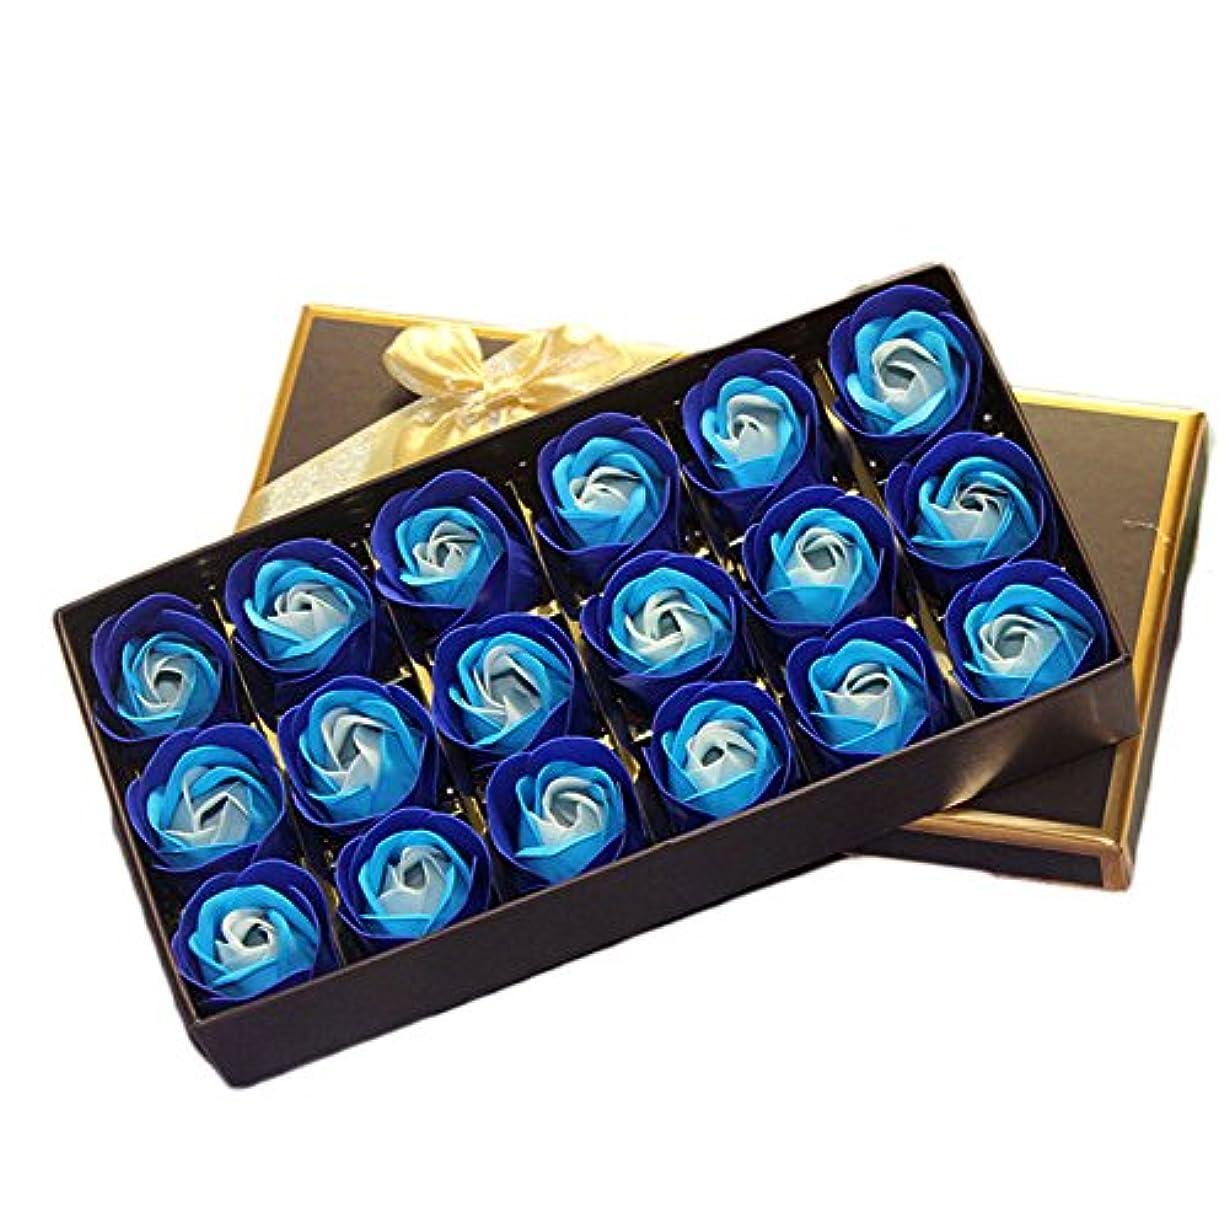 喉頭オーディション伴う18個バラ型 フラワーソープ ギフトボックス入り 石鹸 花 バラ セット 手作り 洗う 手 お風呂 香り 贈り物 (青 1)